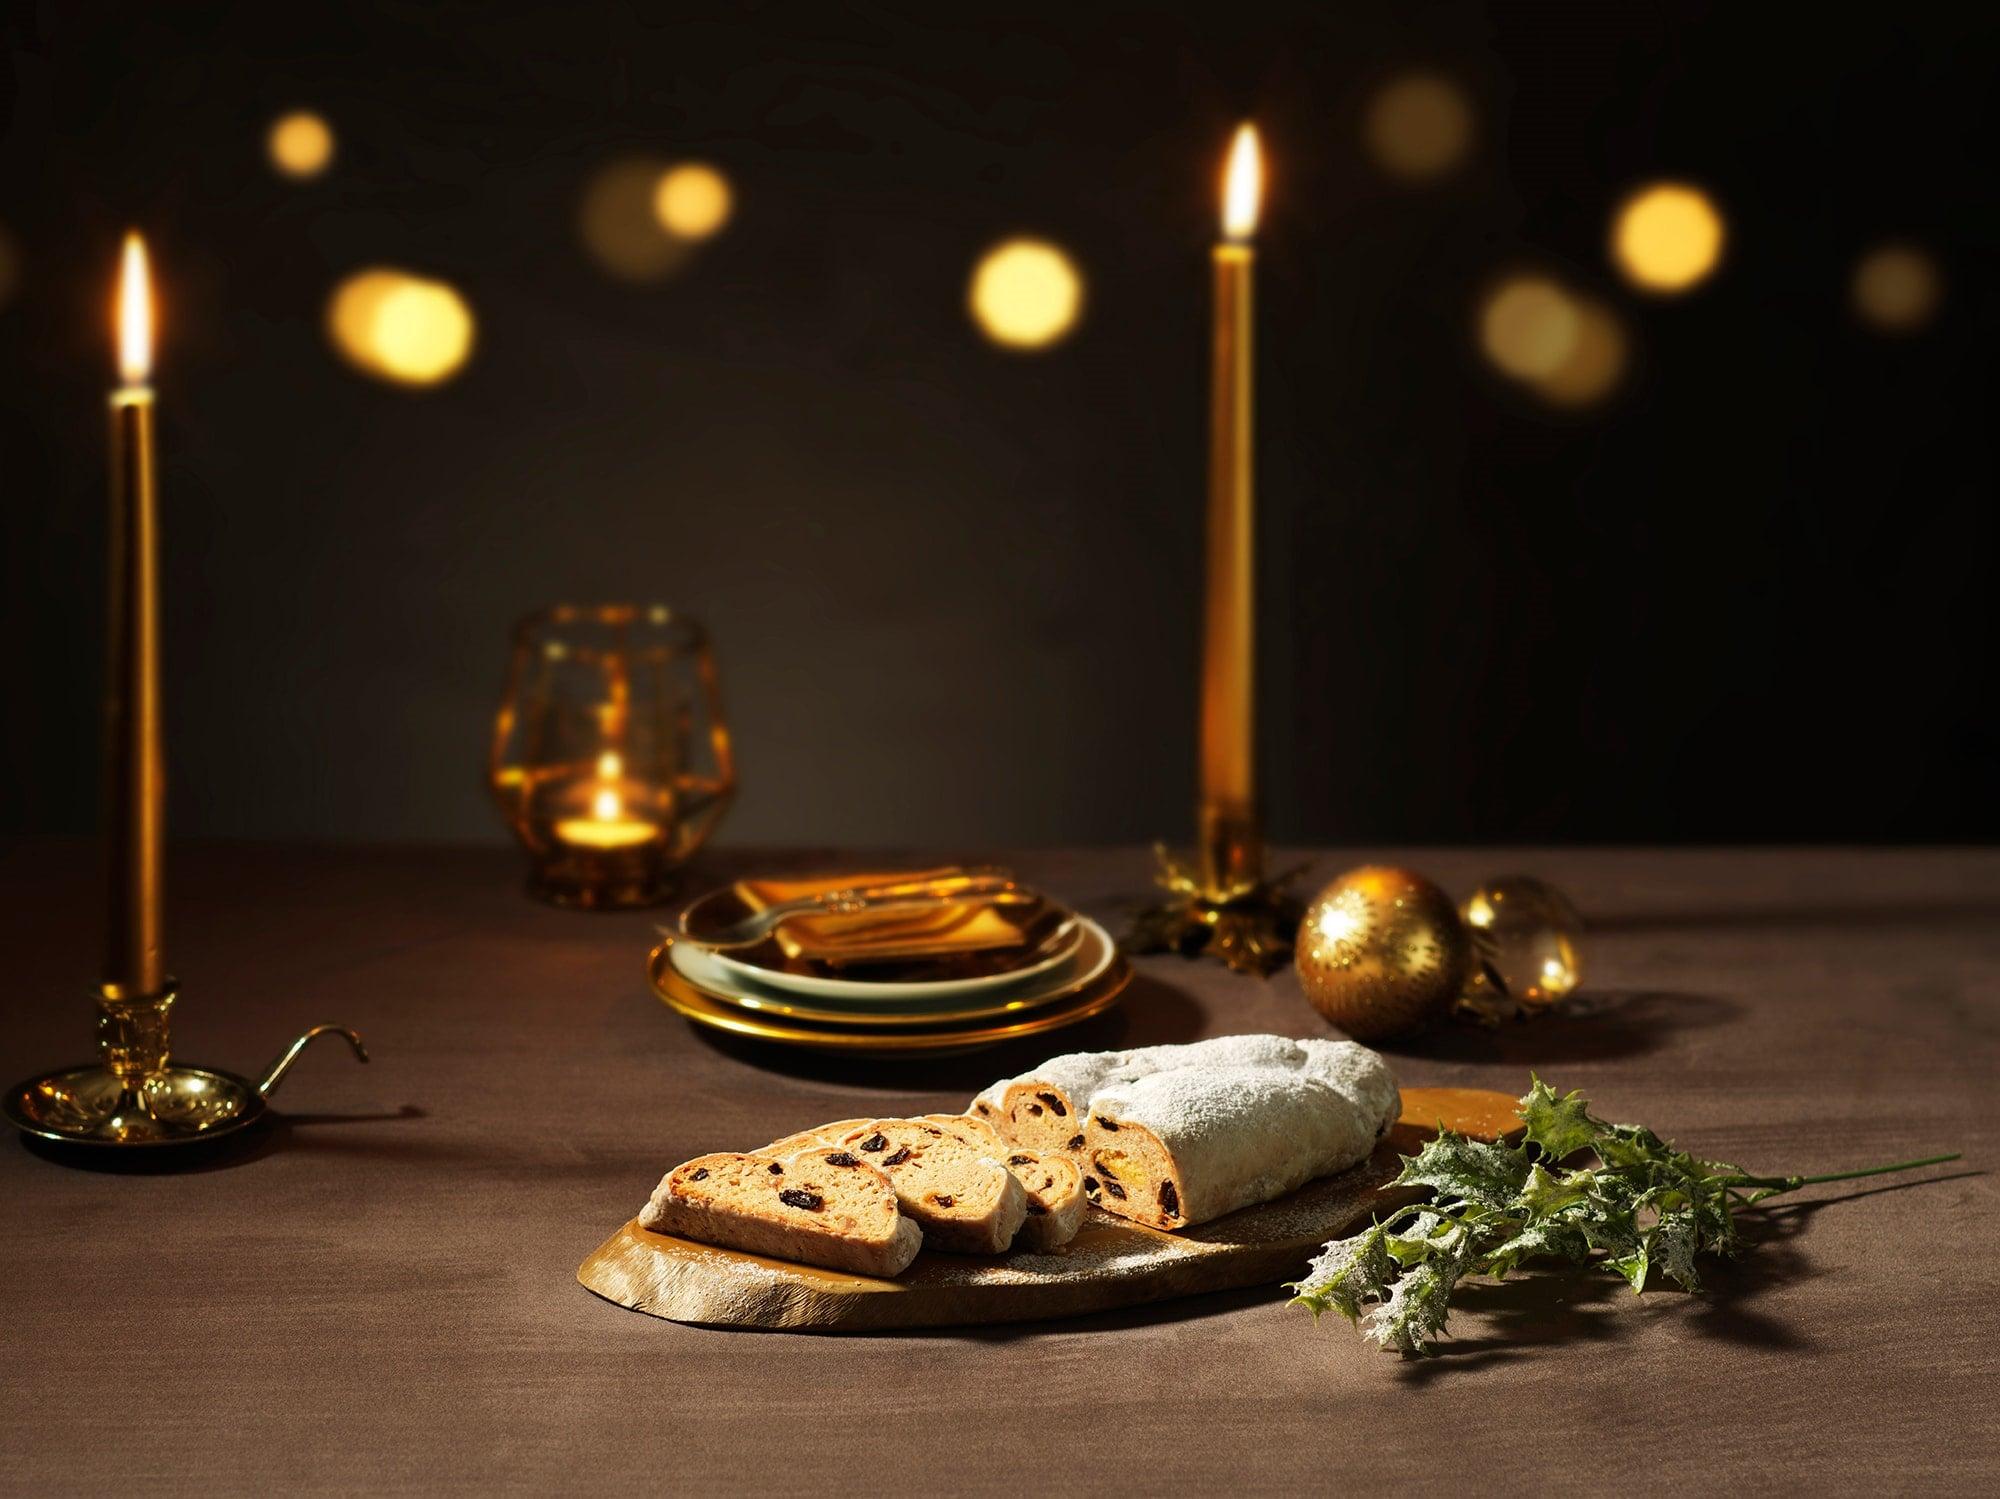 デメルの「クリストシュトーレン」は、ラム酒の香り高いレーズンとスパイシーな生地で毎年人気の味。